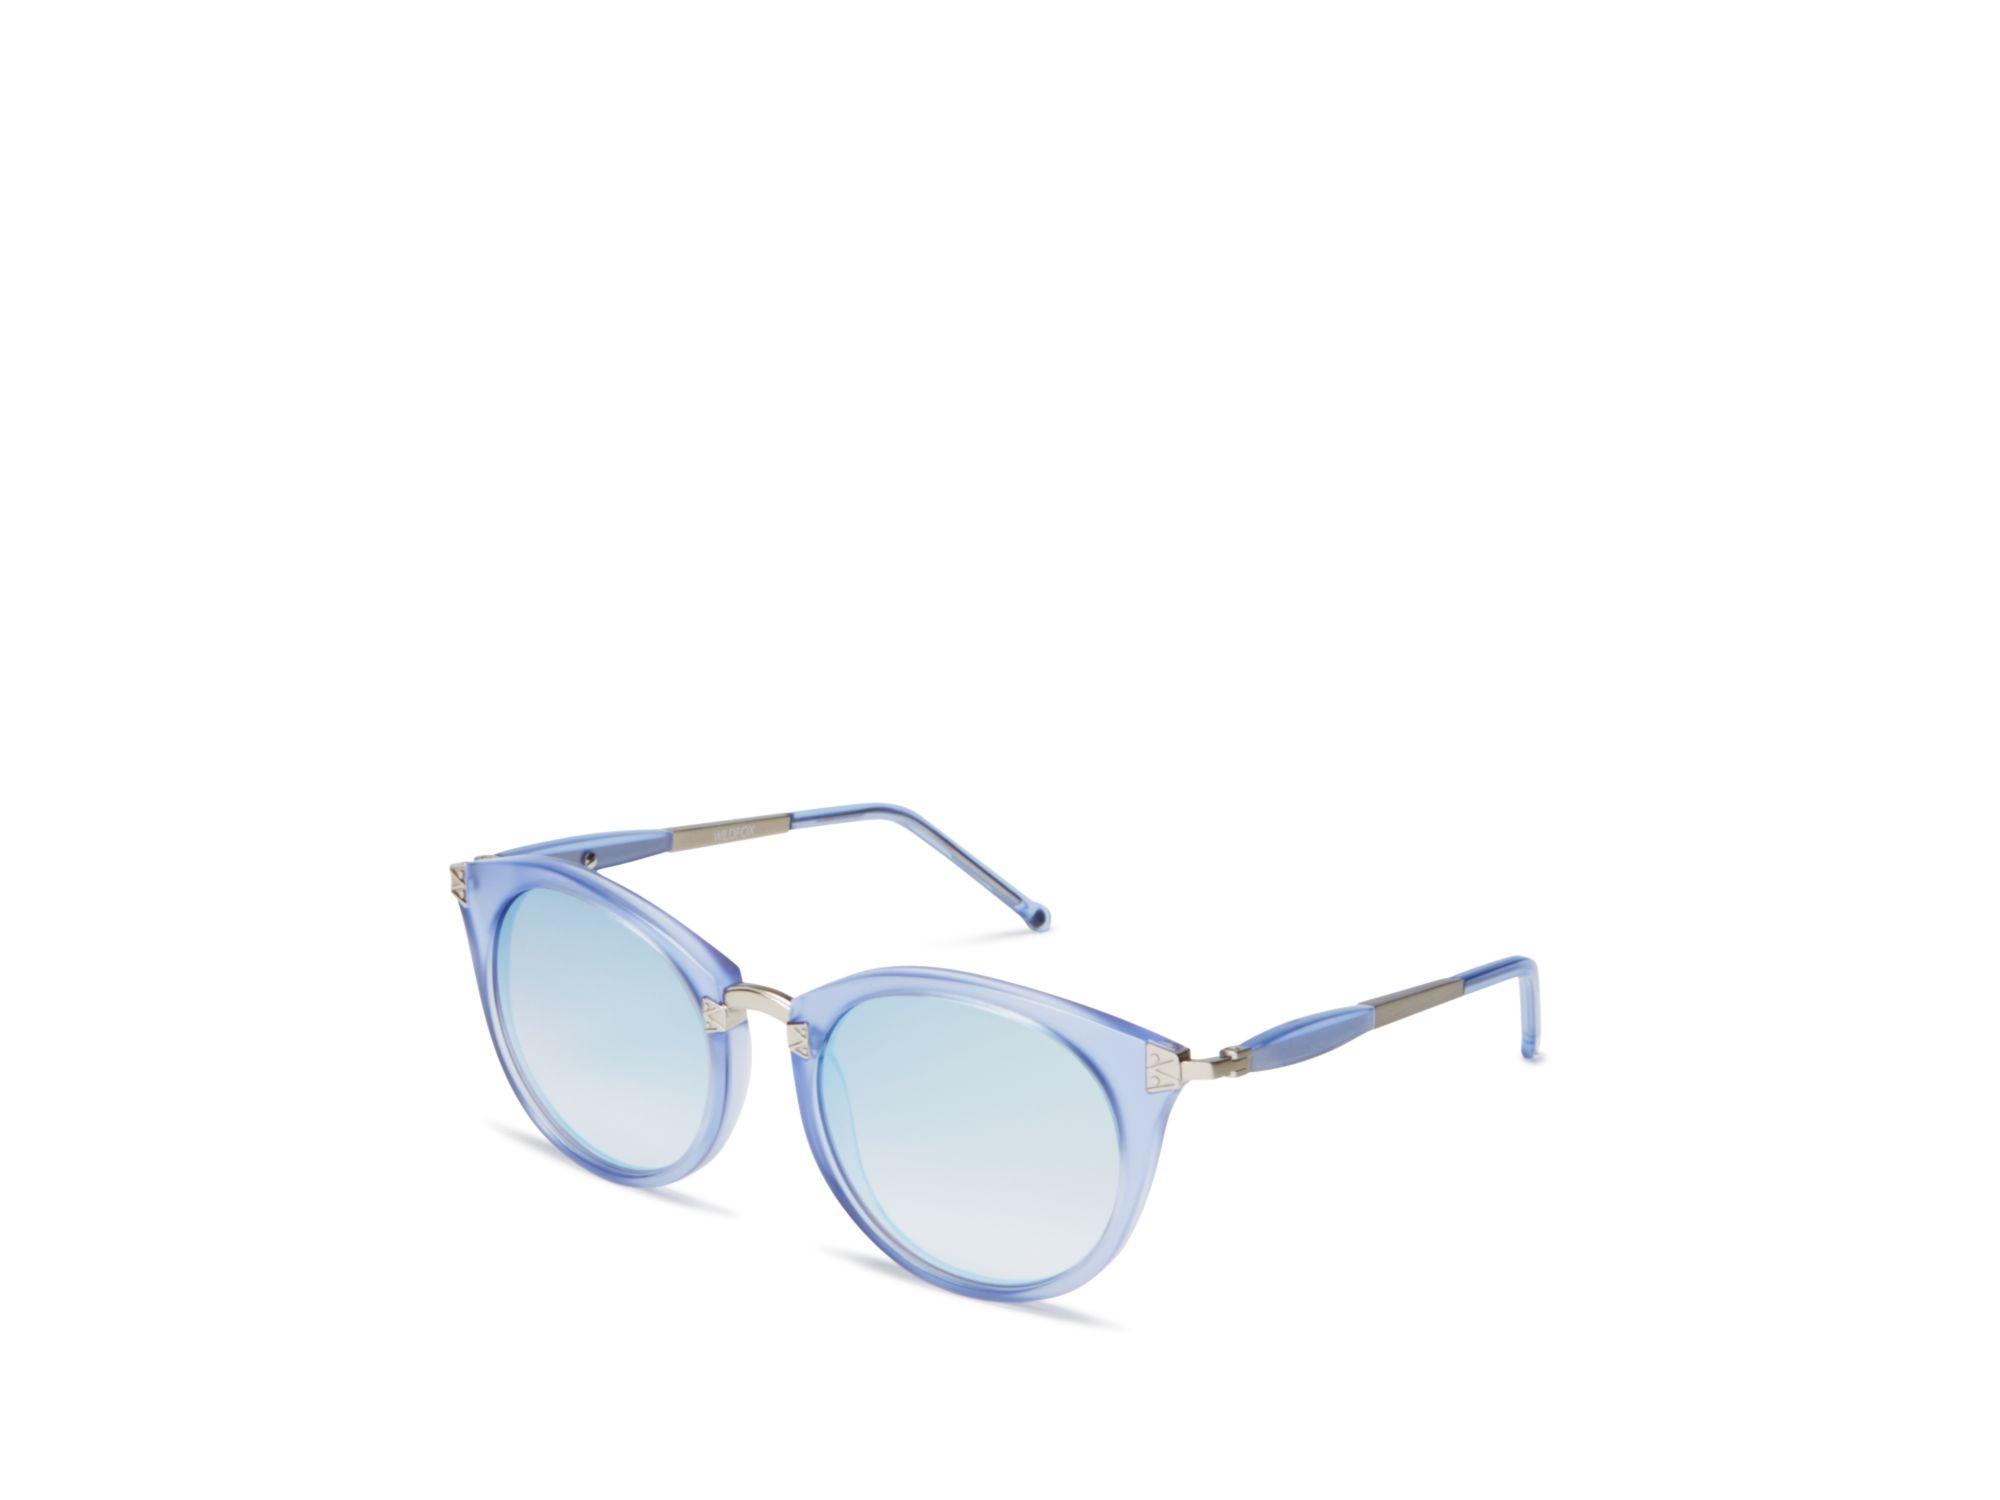 5e1df46ce0 Wildfox Mirrored Sunset Deluxe Sunglasses